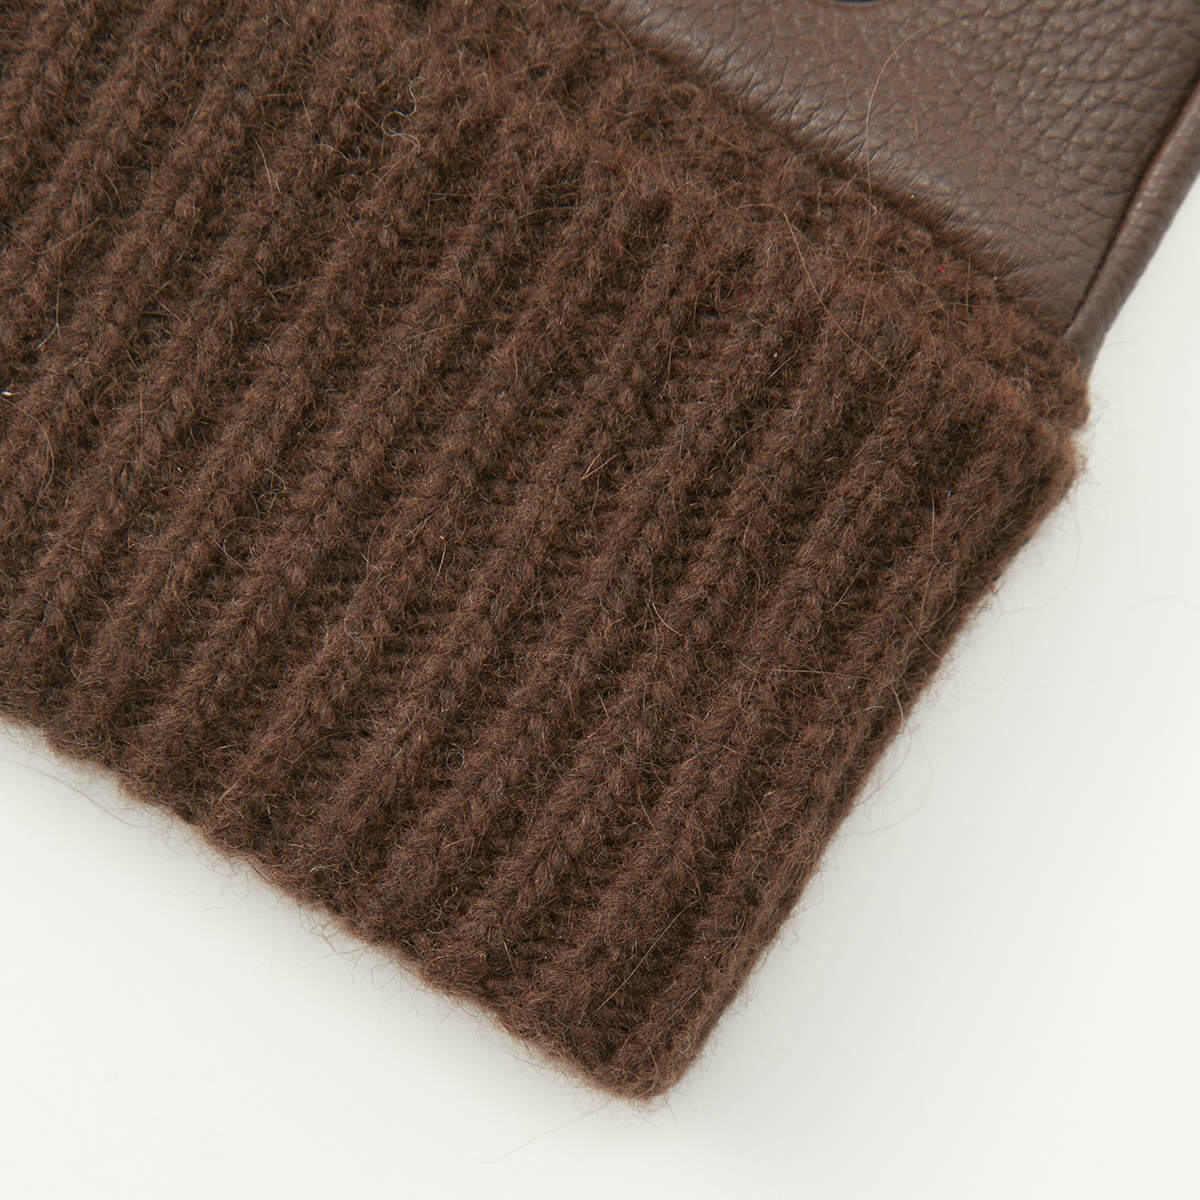 アルタクラッセ カプリガンティ メンズ ニットカフス 鹿革 指なし 革手袋 全3色 24cm(M)